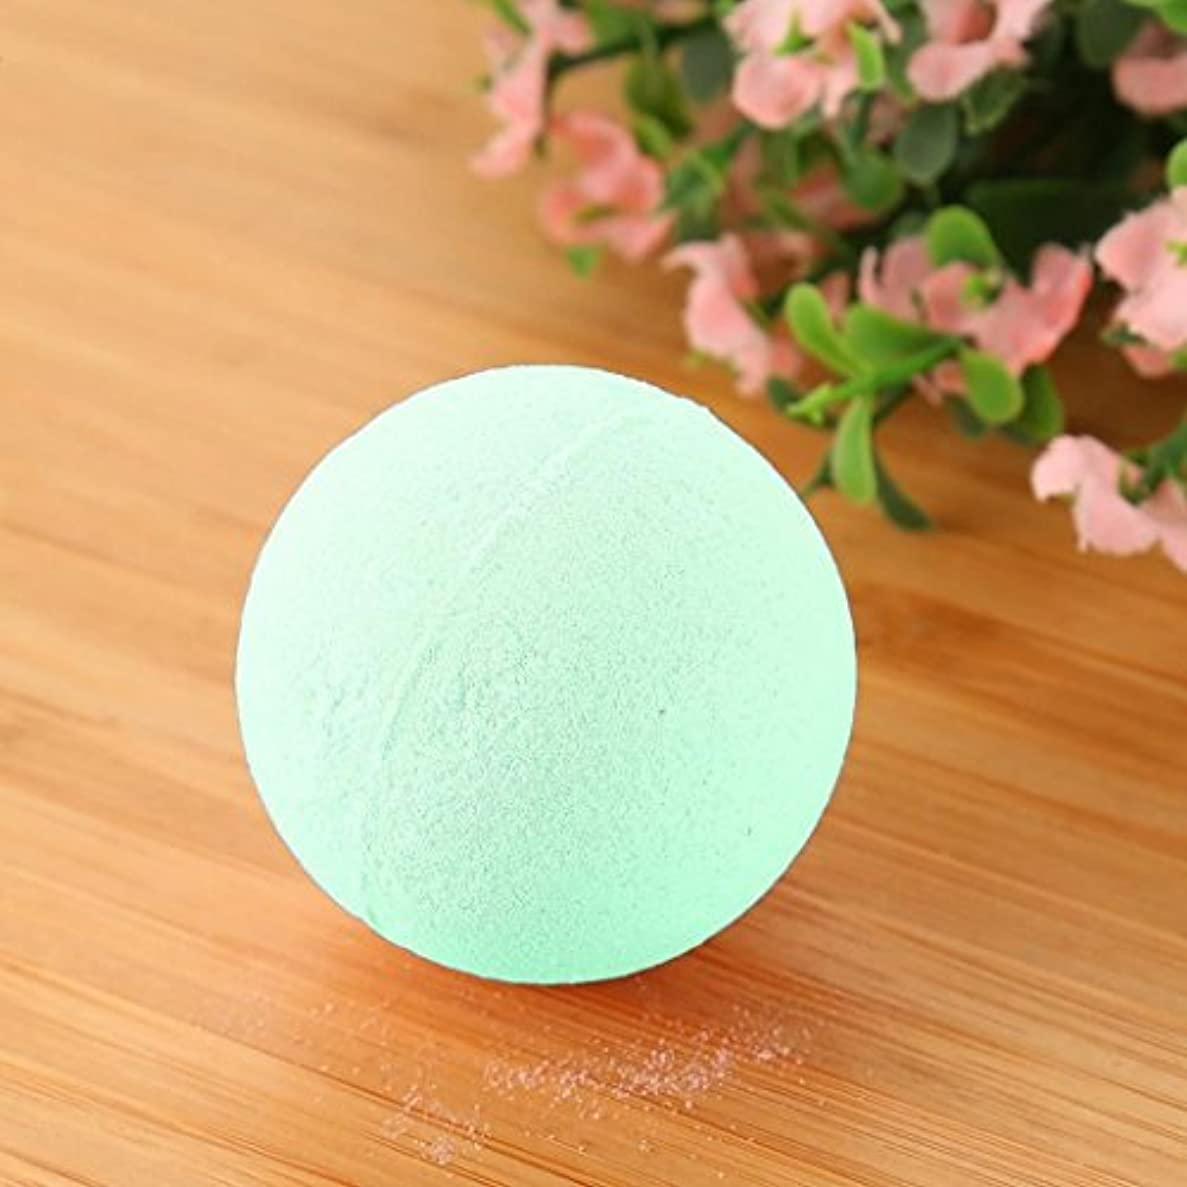 以内にジェームズダイソン汚染されたバブル塩風呂の贈り物のためにボールをリラックスした女性の塩